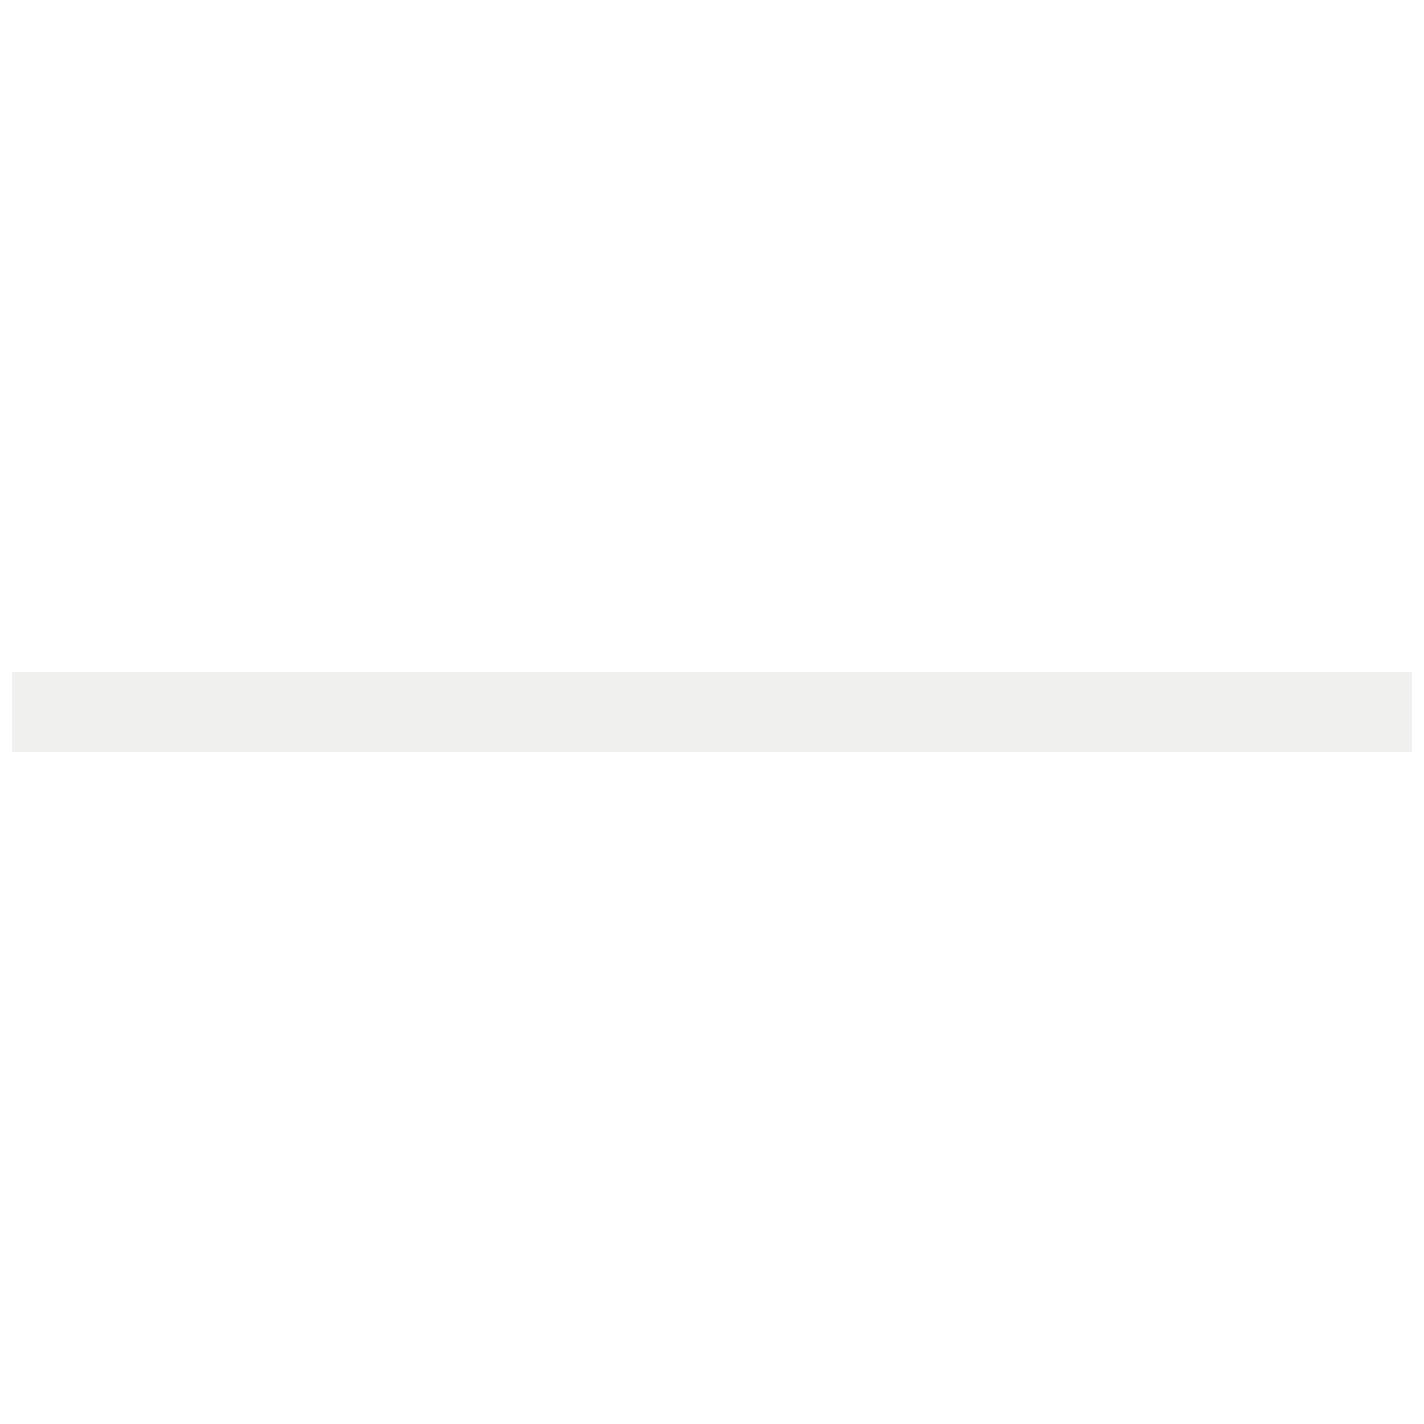 SURF SIC - PISTOL WHIP (SL) 6'10''- Deck - 103371